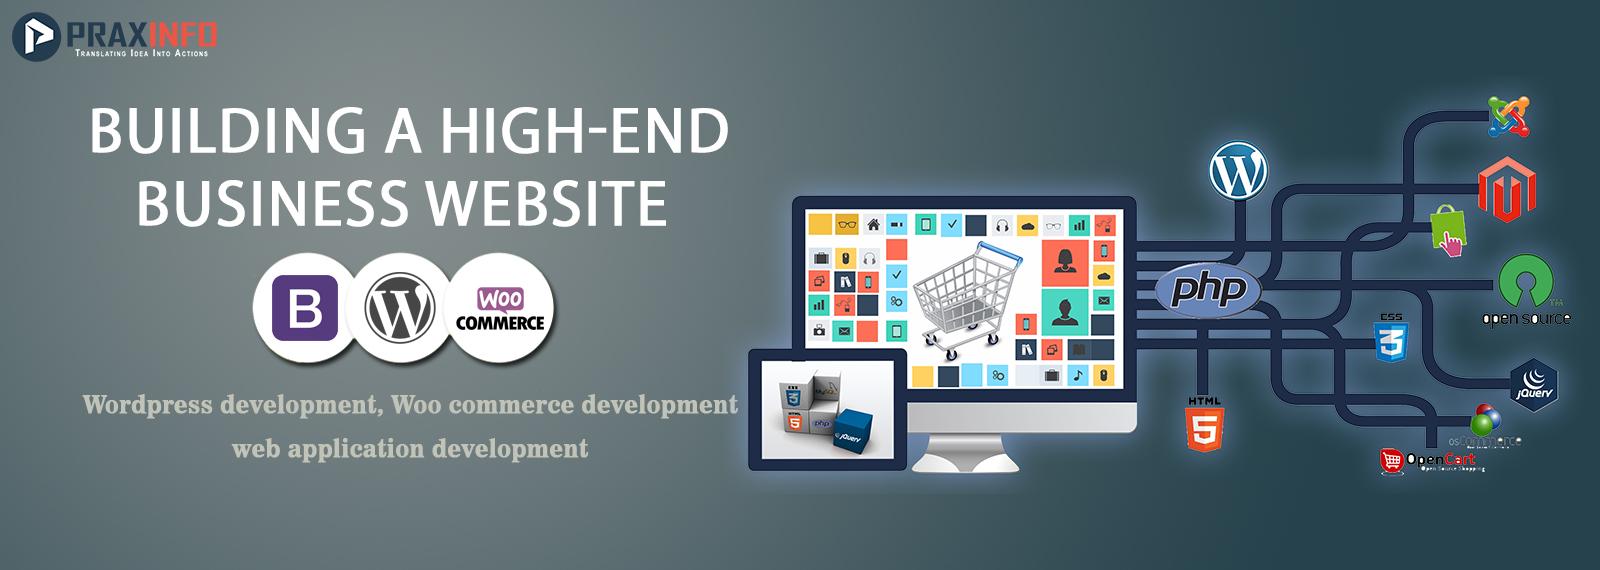 Building a High-End Business Website – Hiring the Best Wordpress